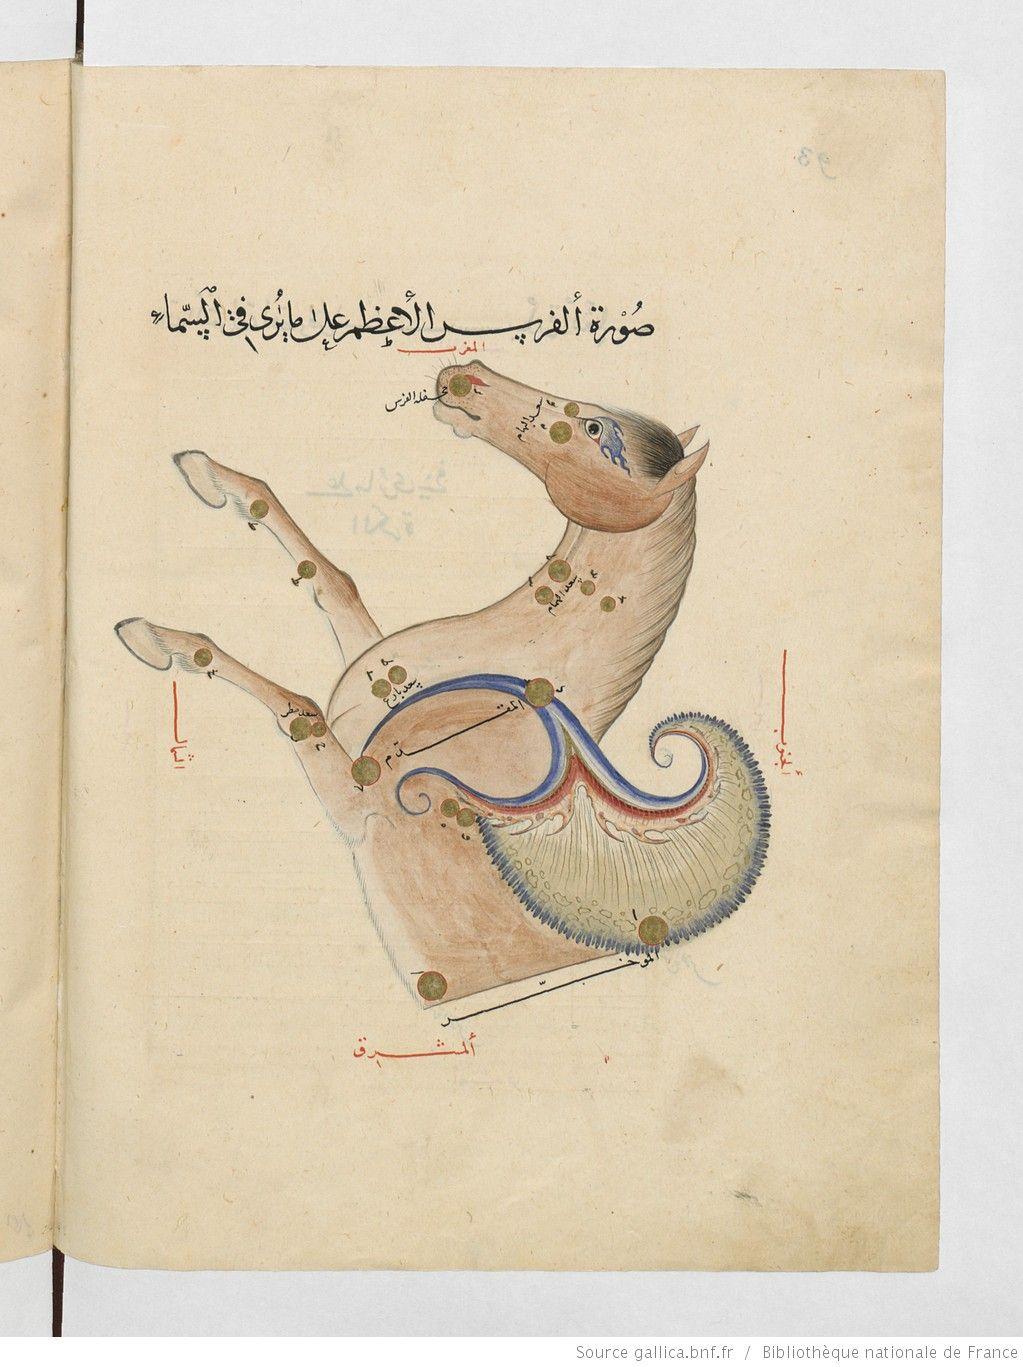 عبد الرحمن بن عمر الصوفي كتاب صور الكواكب الثابتة Bnf Manuscrit